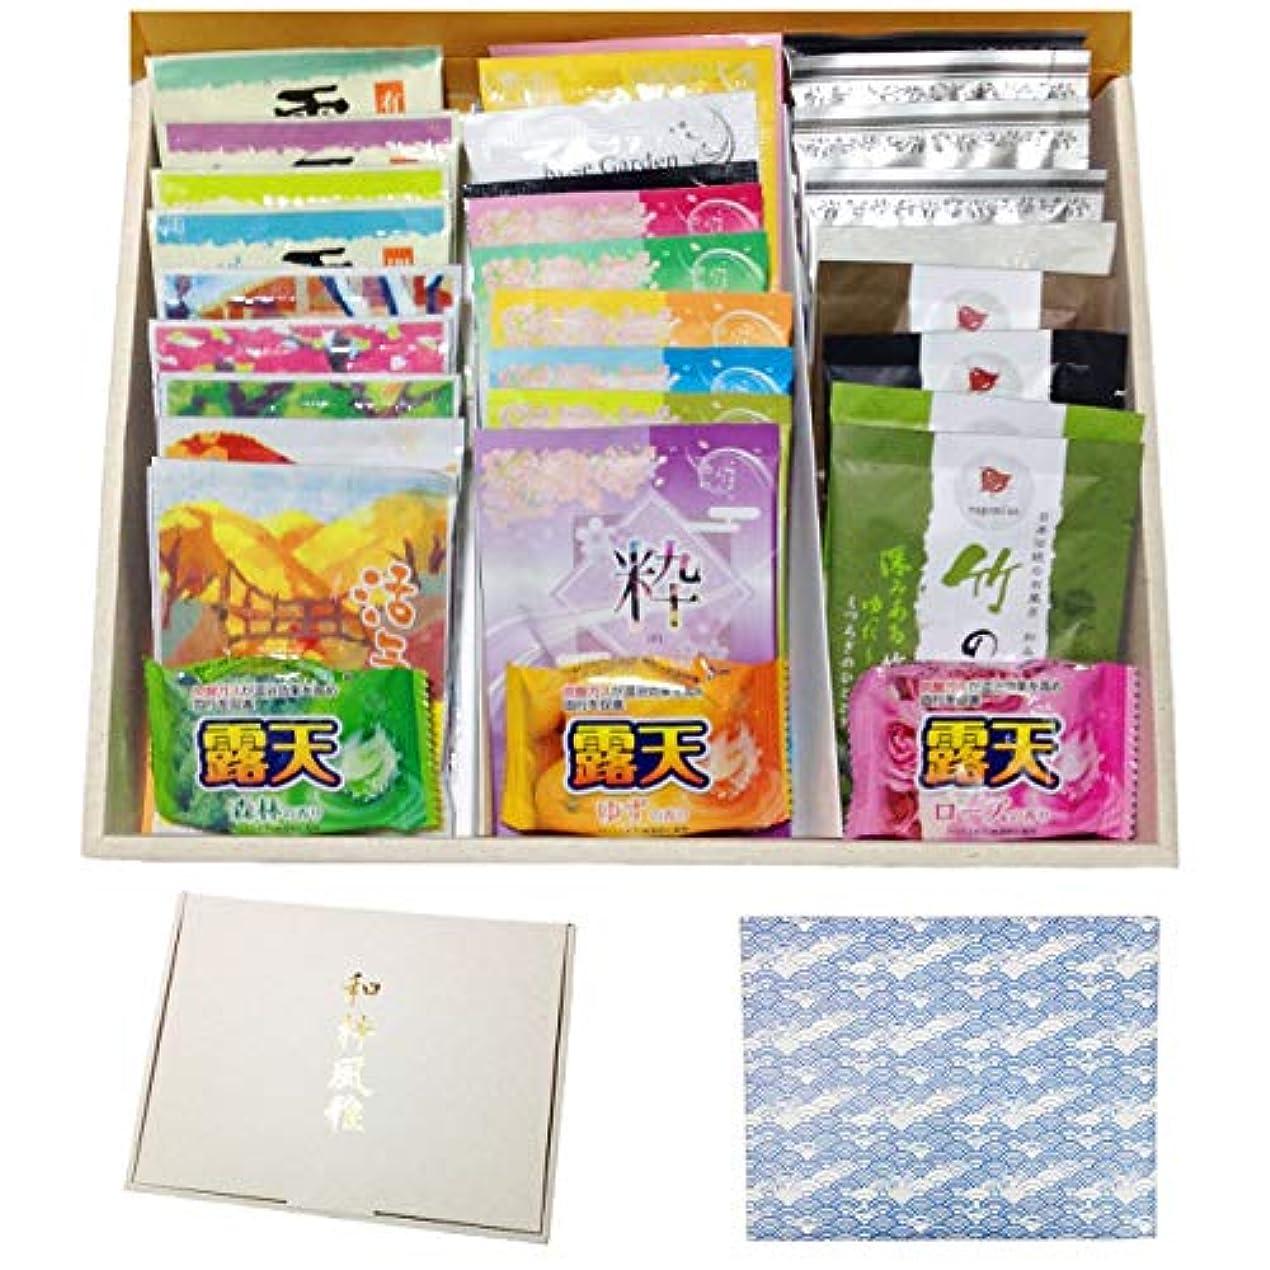 副圧縮する花火入浴剤 ギフト セット 日本製 温泉 炭酸 つめあわせ バスギフト プレゼント 30種類/50種類 (30個30種類)